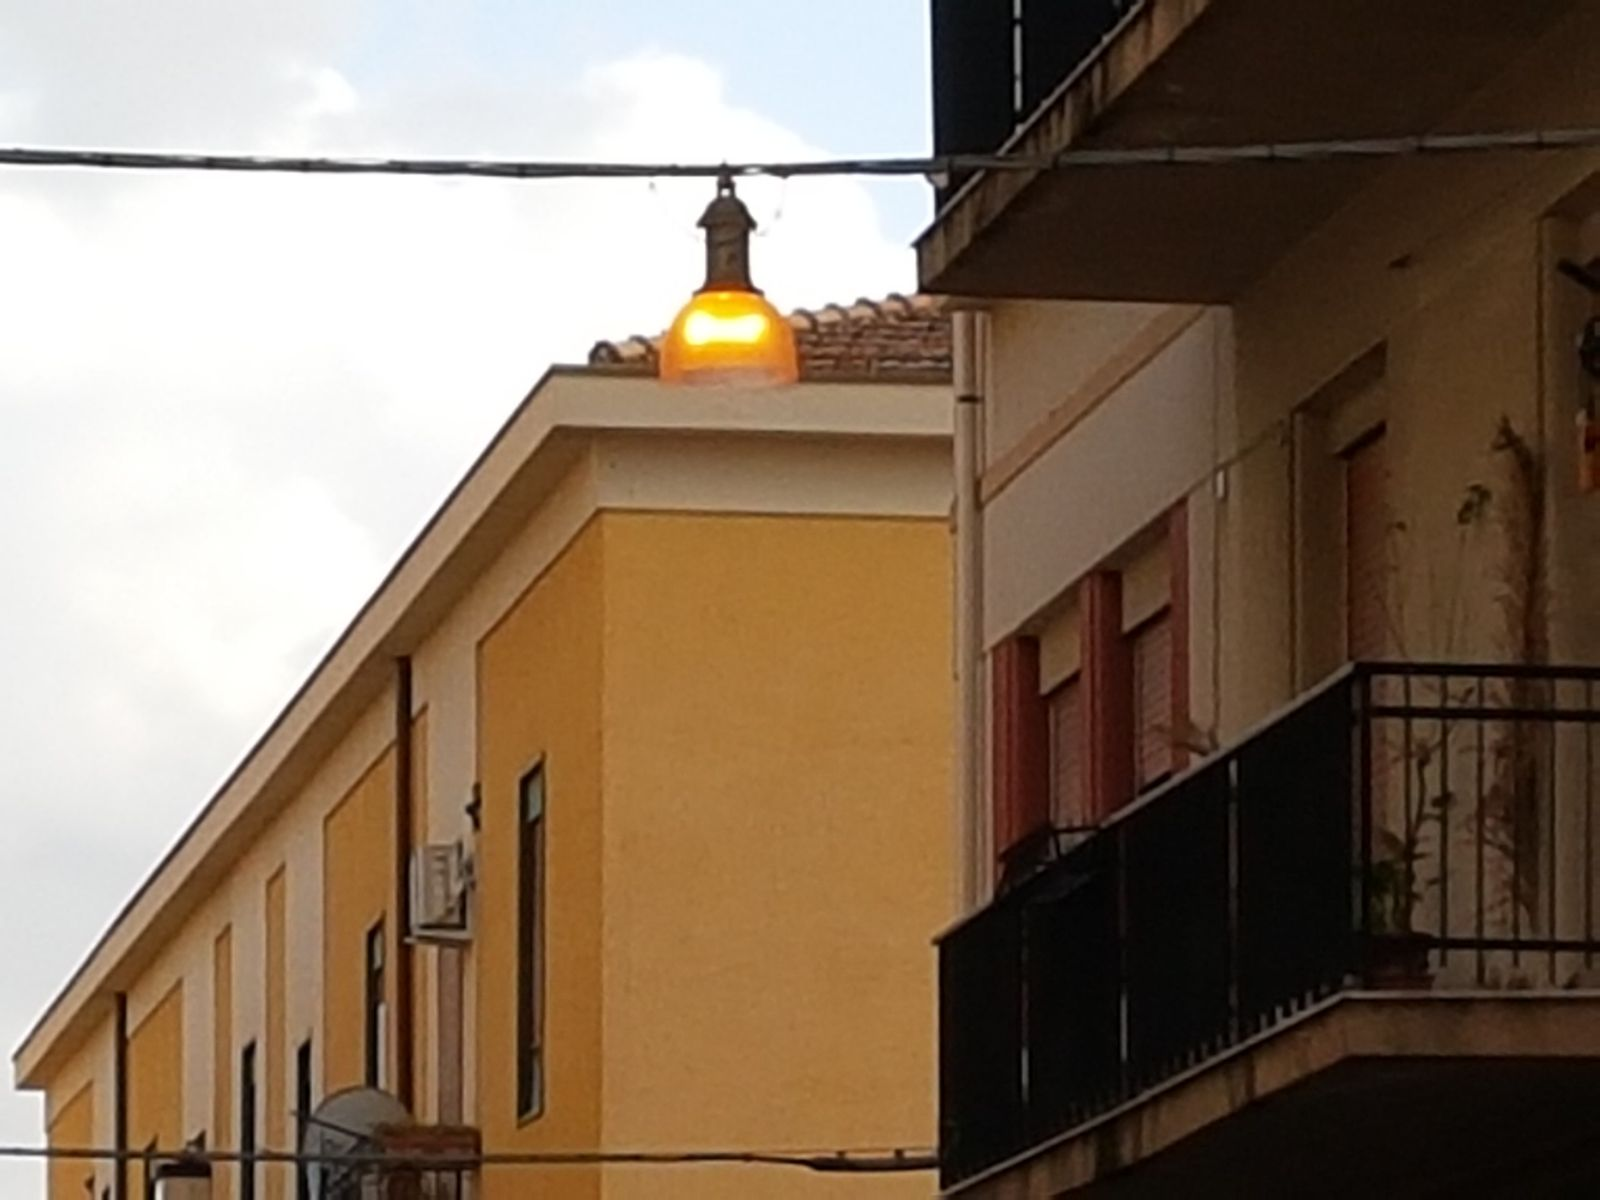 Illuminazione pubblica in tilt. luci accese di giorno il comune non